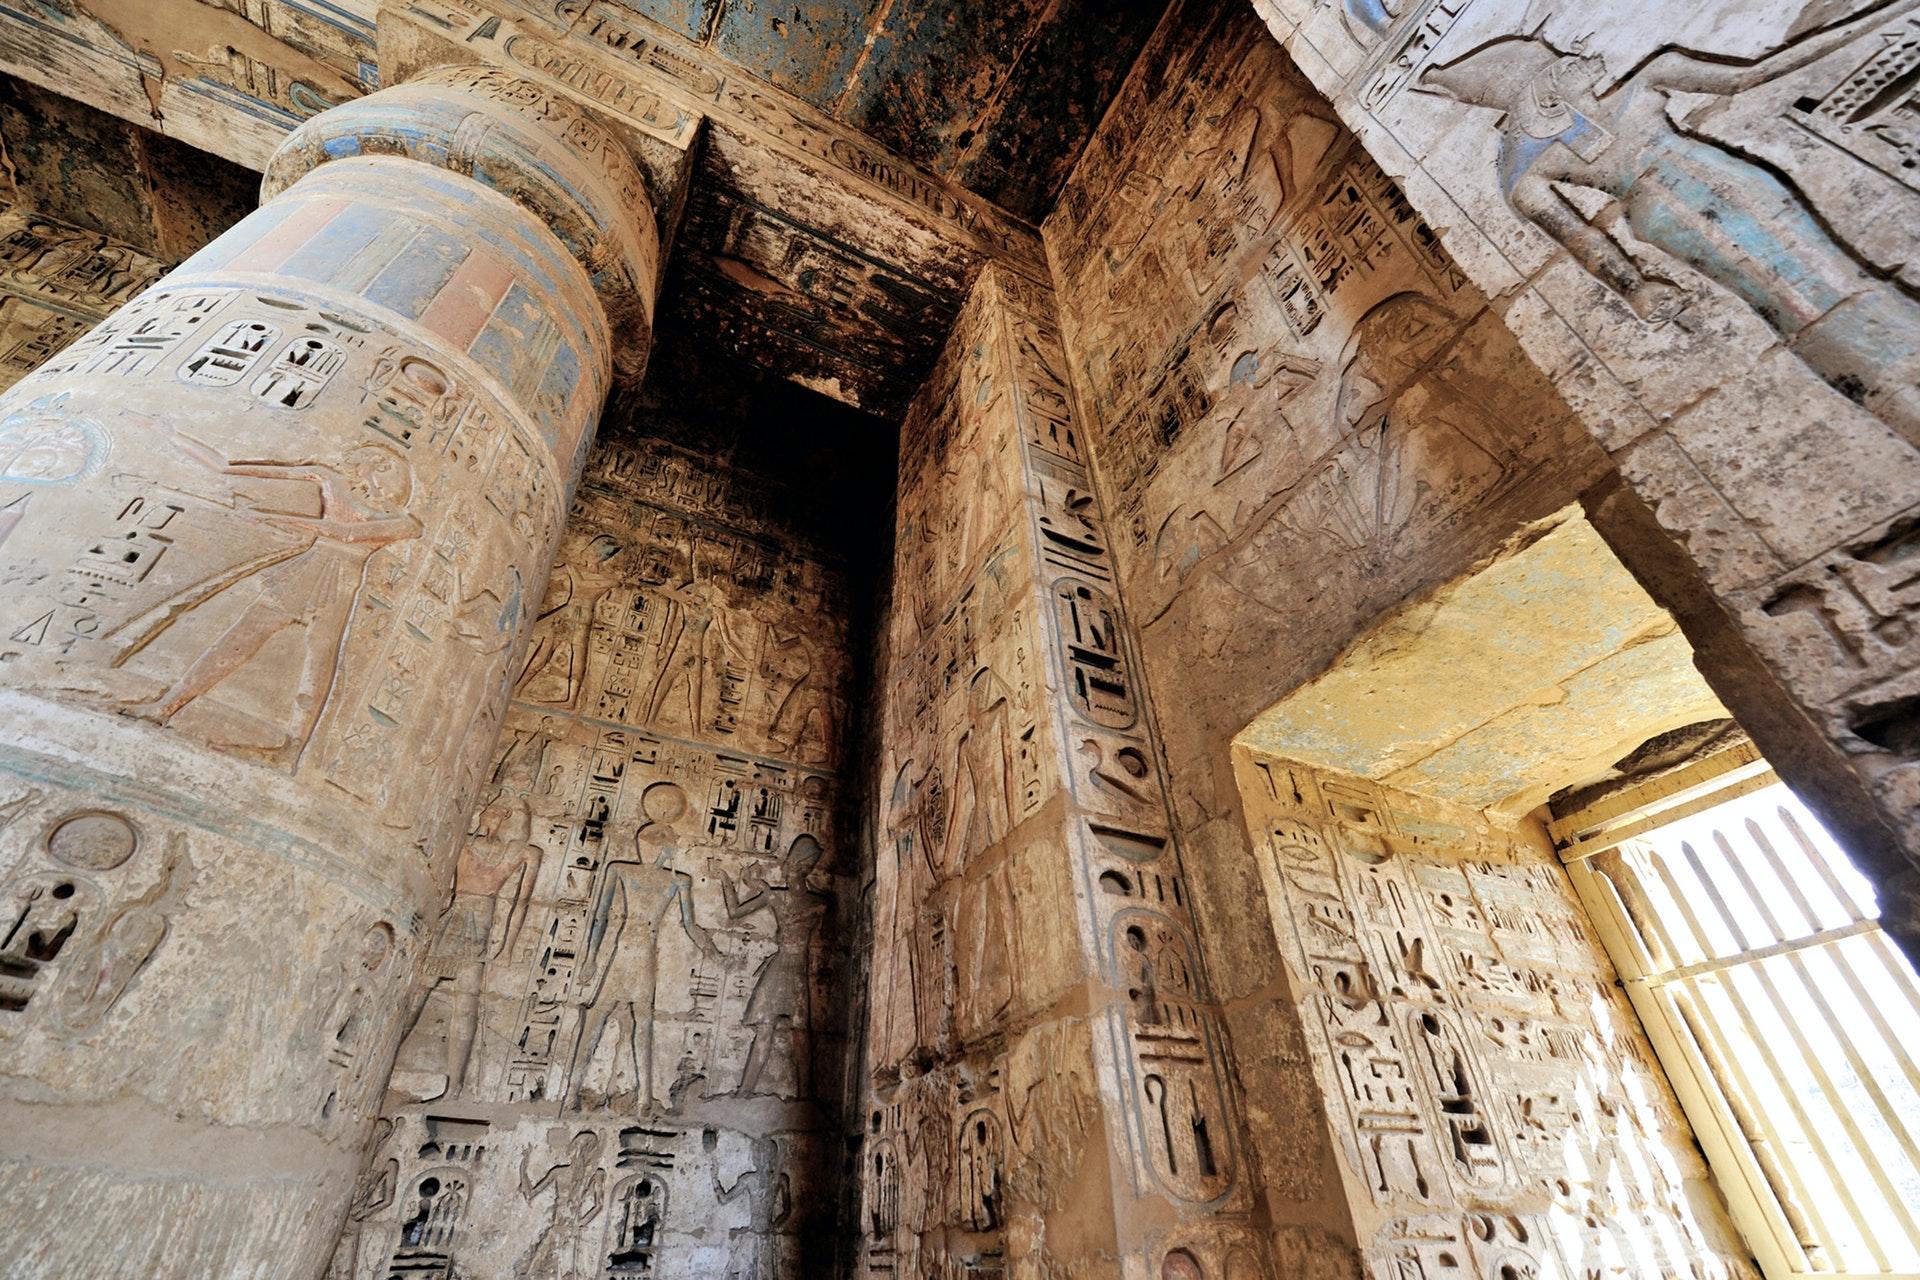 hiroglyph-pilars-egypt